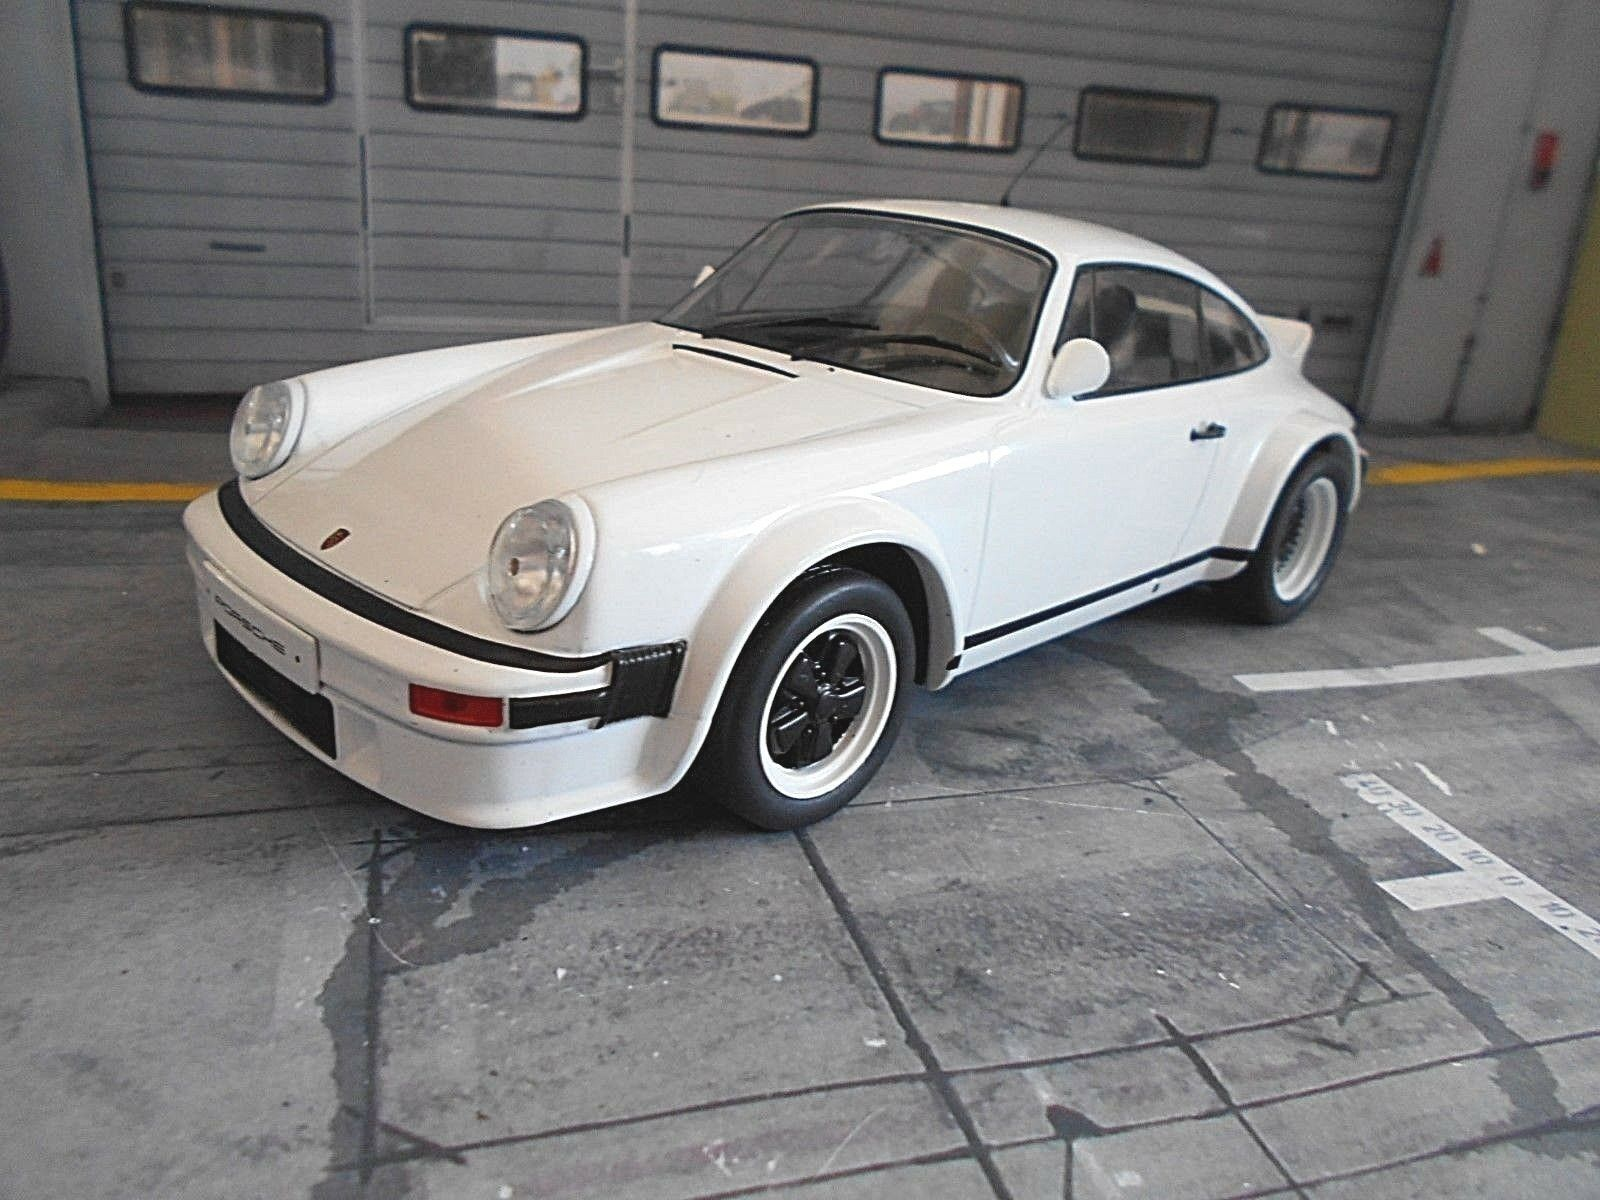 Porsche 911 SC Carrera Rallye Rallye Rallye taille 4 RALLYE Street Plain Body blanc IXO S 1 18 5104cf